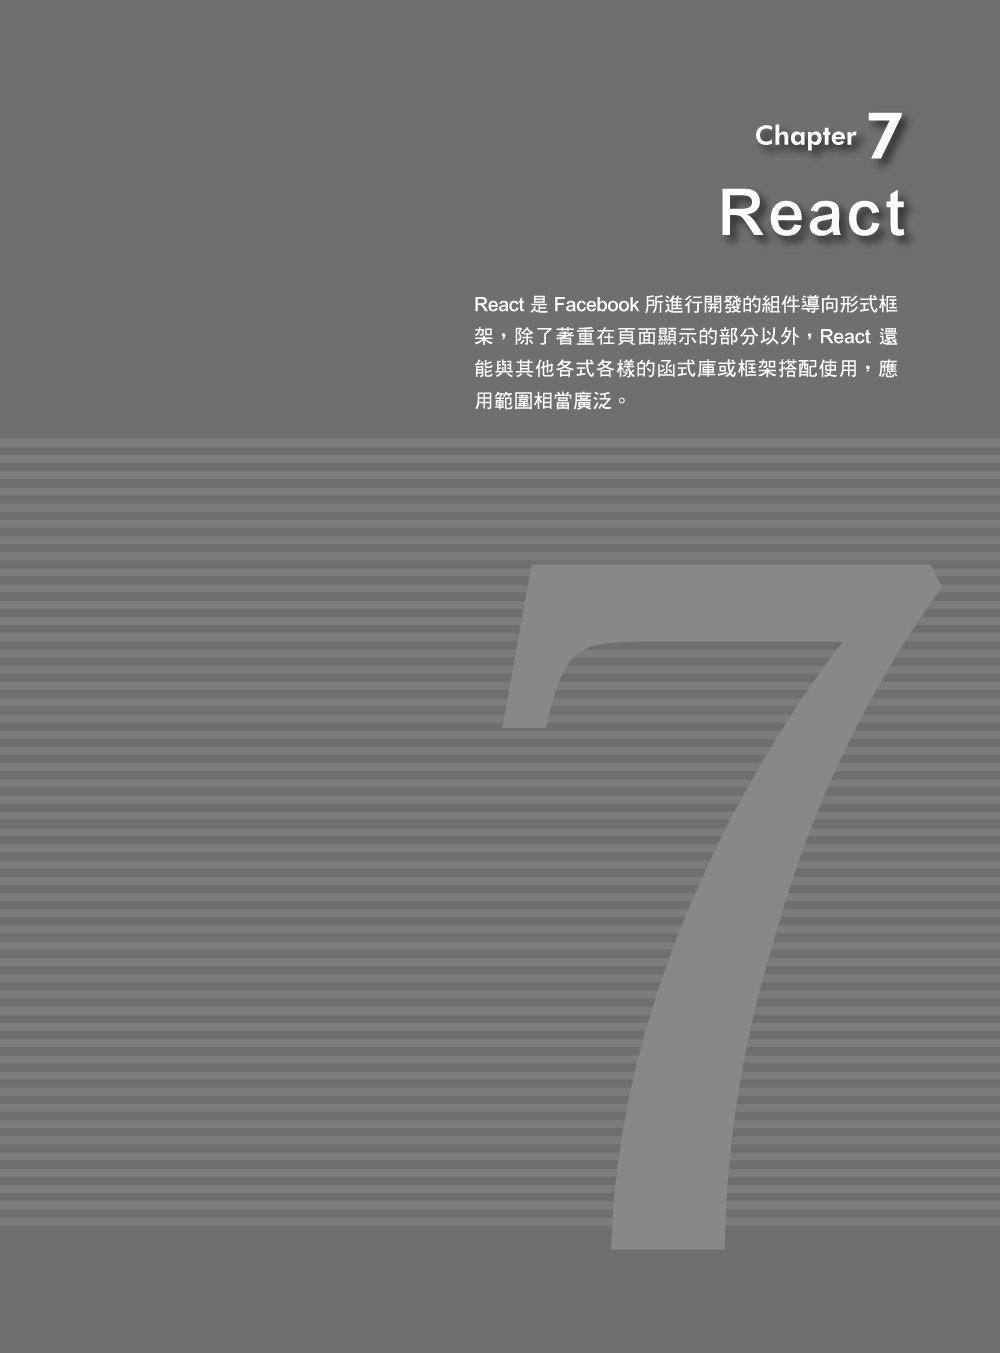 一次搞懂熱門前端框架 - React、Vue.js、Angular、Backbone.js、Aurelia-preview-8